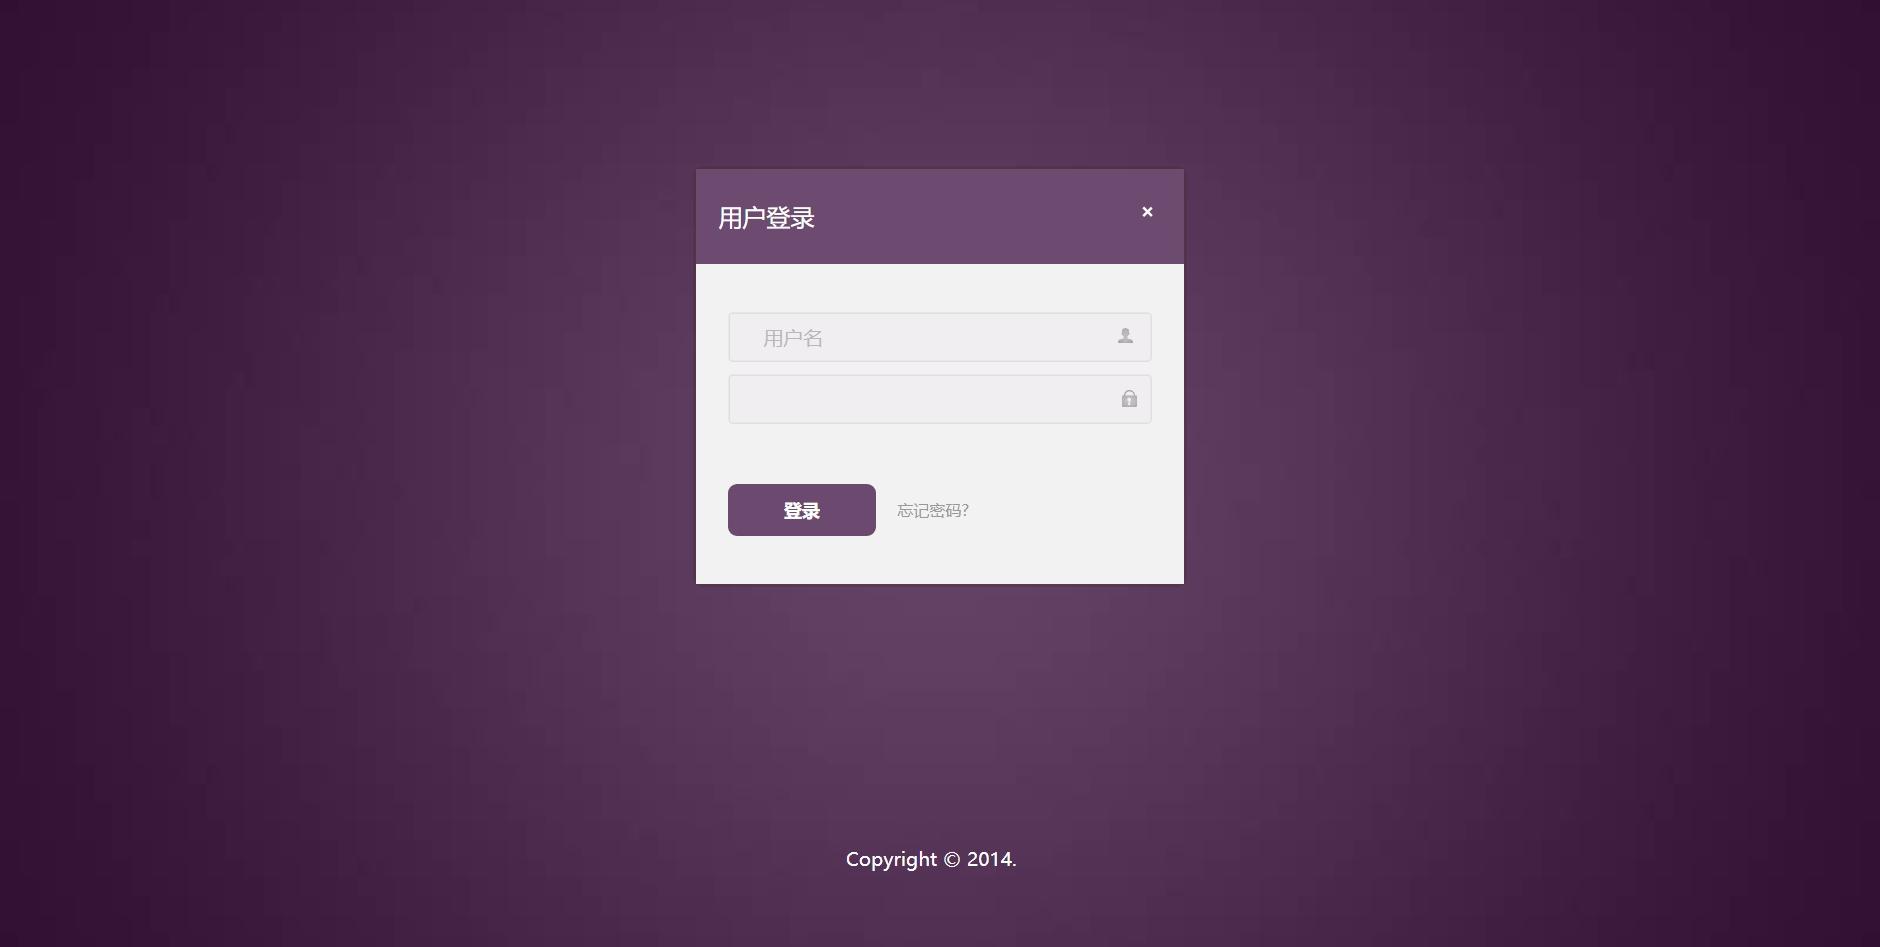 紫色的网站后台管理系统登录界面模板html源码下载